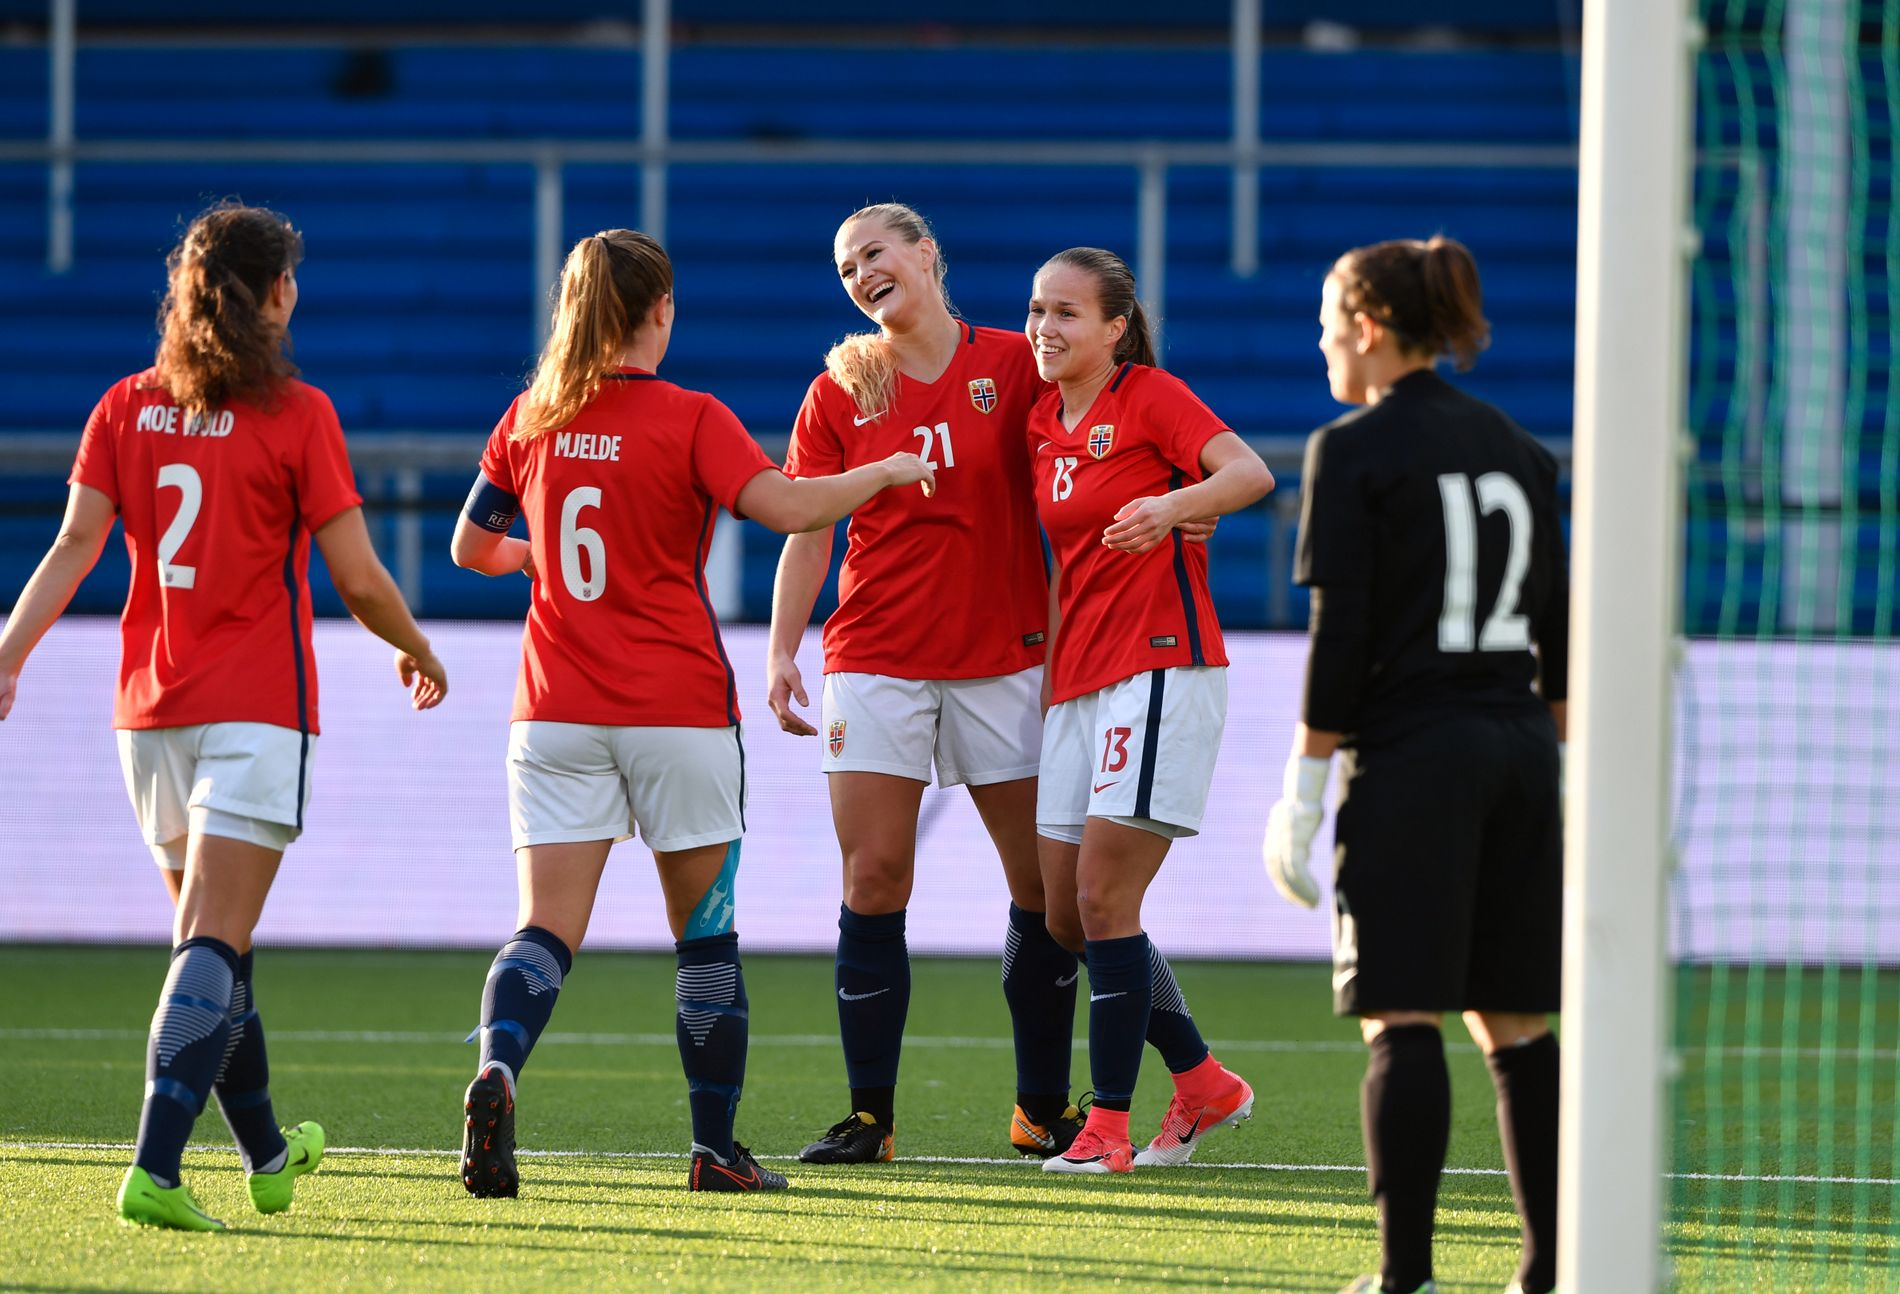 DOBLET STØTTE: Den nye honoraravtalen for landslagene innebærer nær en dobling av utbetalingene til kvinnelandslaget. Her feirer (f.v.) Ingrid Wold, Maren Mjelde, Lisa-Marie Utland og målscorer Guro Reiten over scoring mot Slovakia i september.